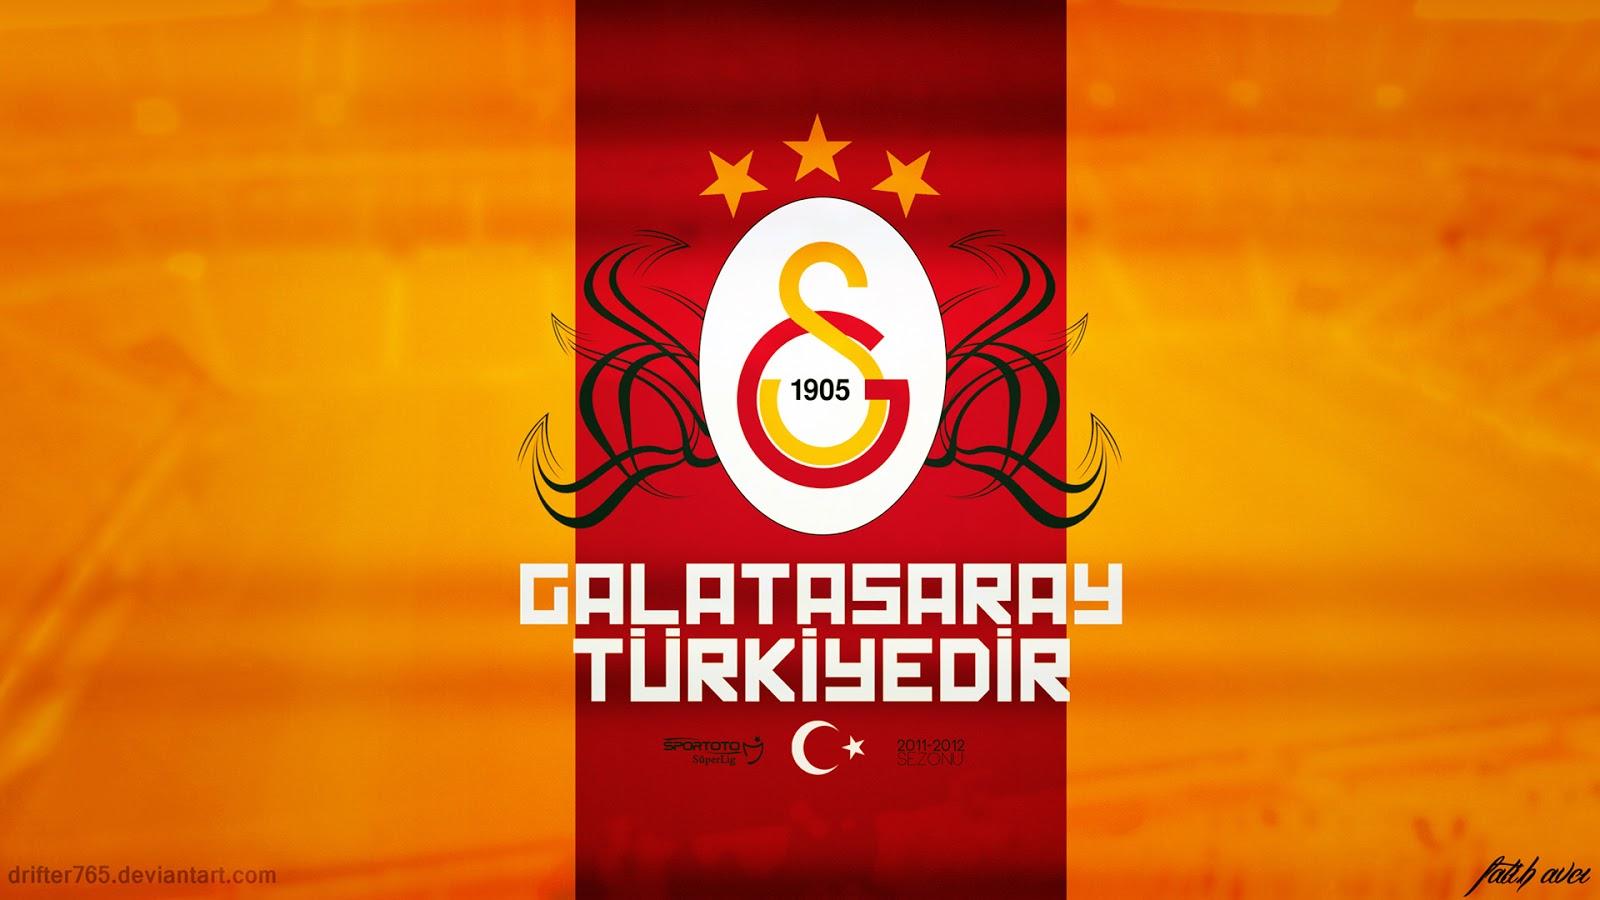 galatasaray resimleri 2013 En Güzel Galatasaray HD Masaüstü Resimleri